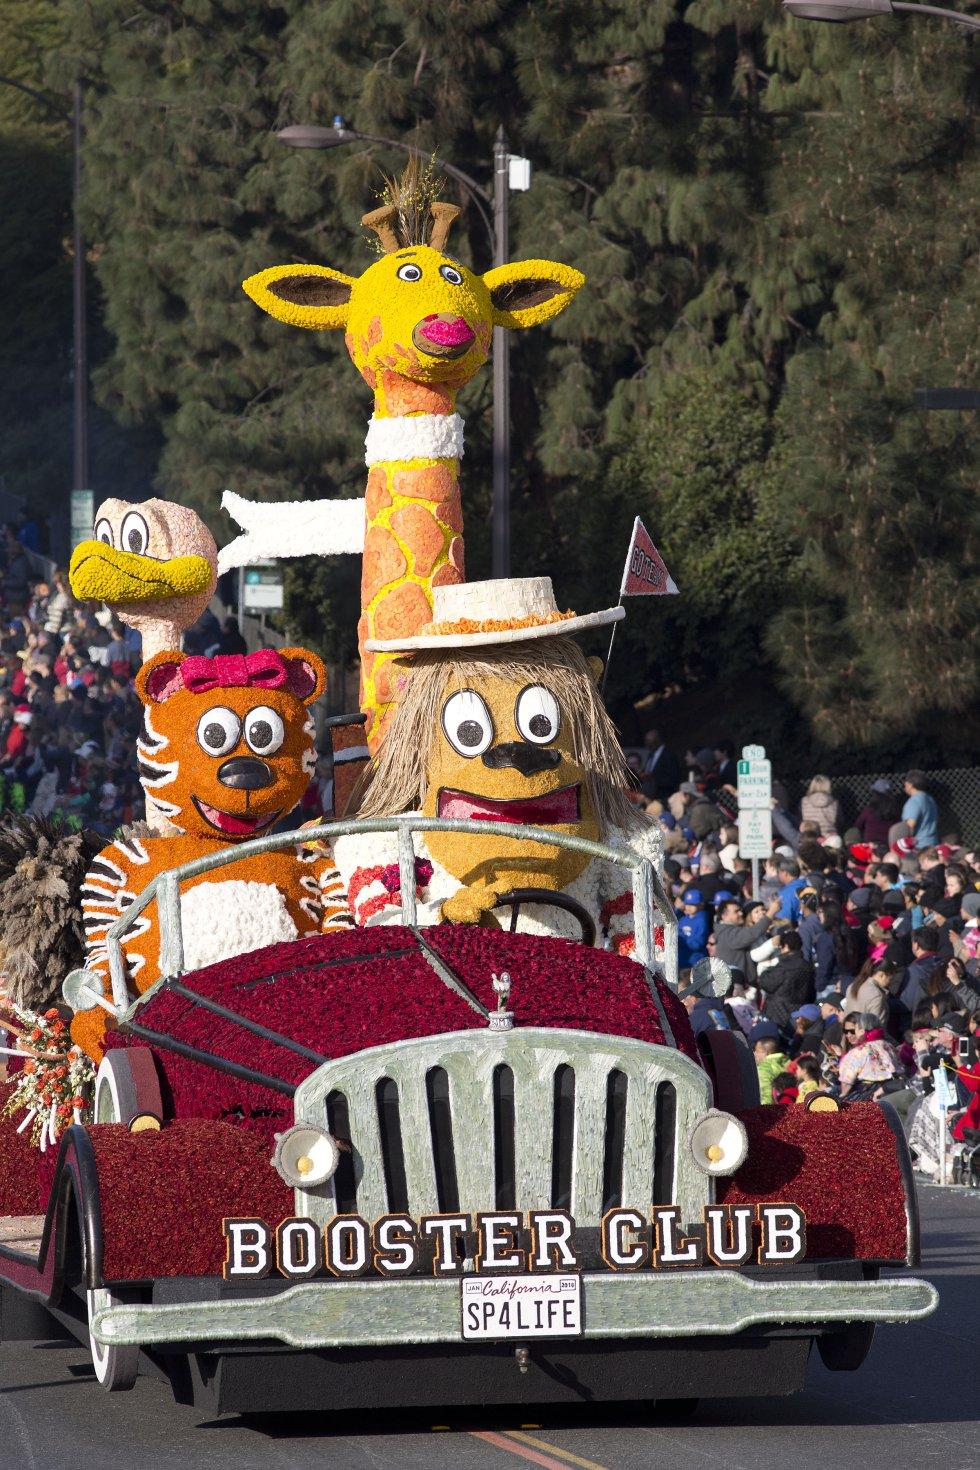 """Durante la 129° edición del """"Desfile de las rosas"""" decenas de carrozas llegan a la las calles de Pasadena (California) para deleitar a los asistentes con coloridas y divertidas figuras."""